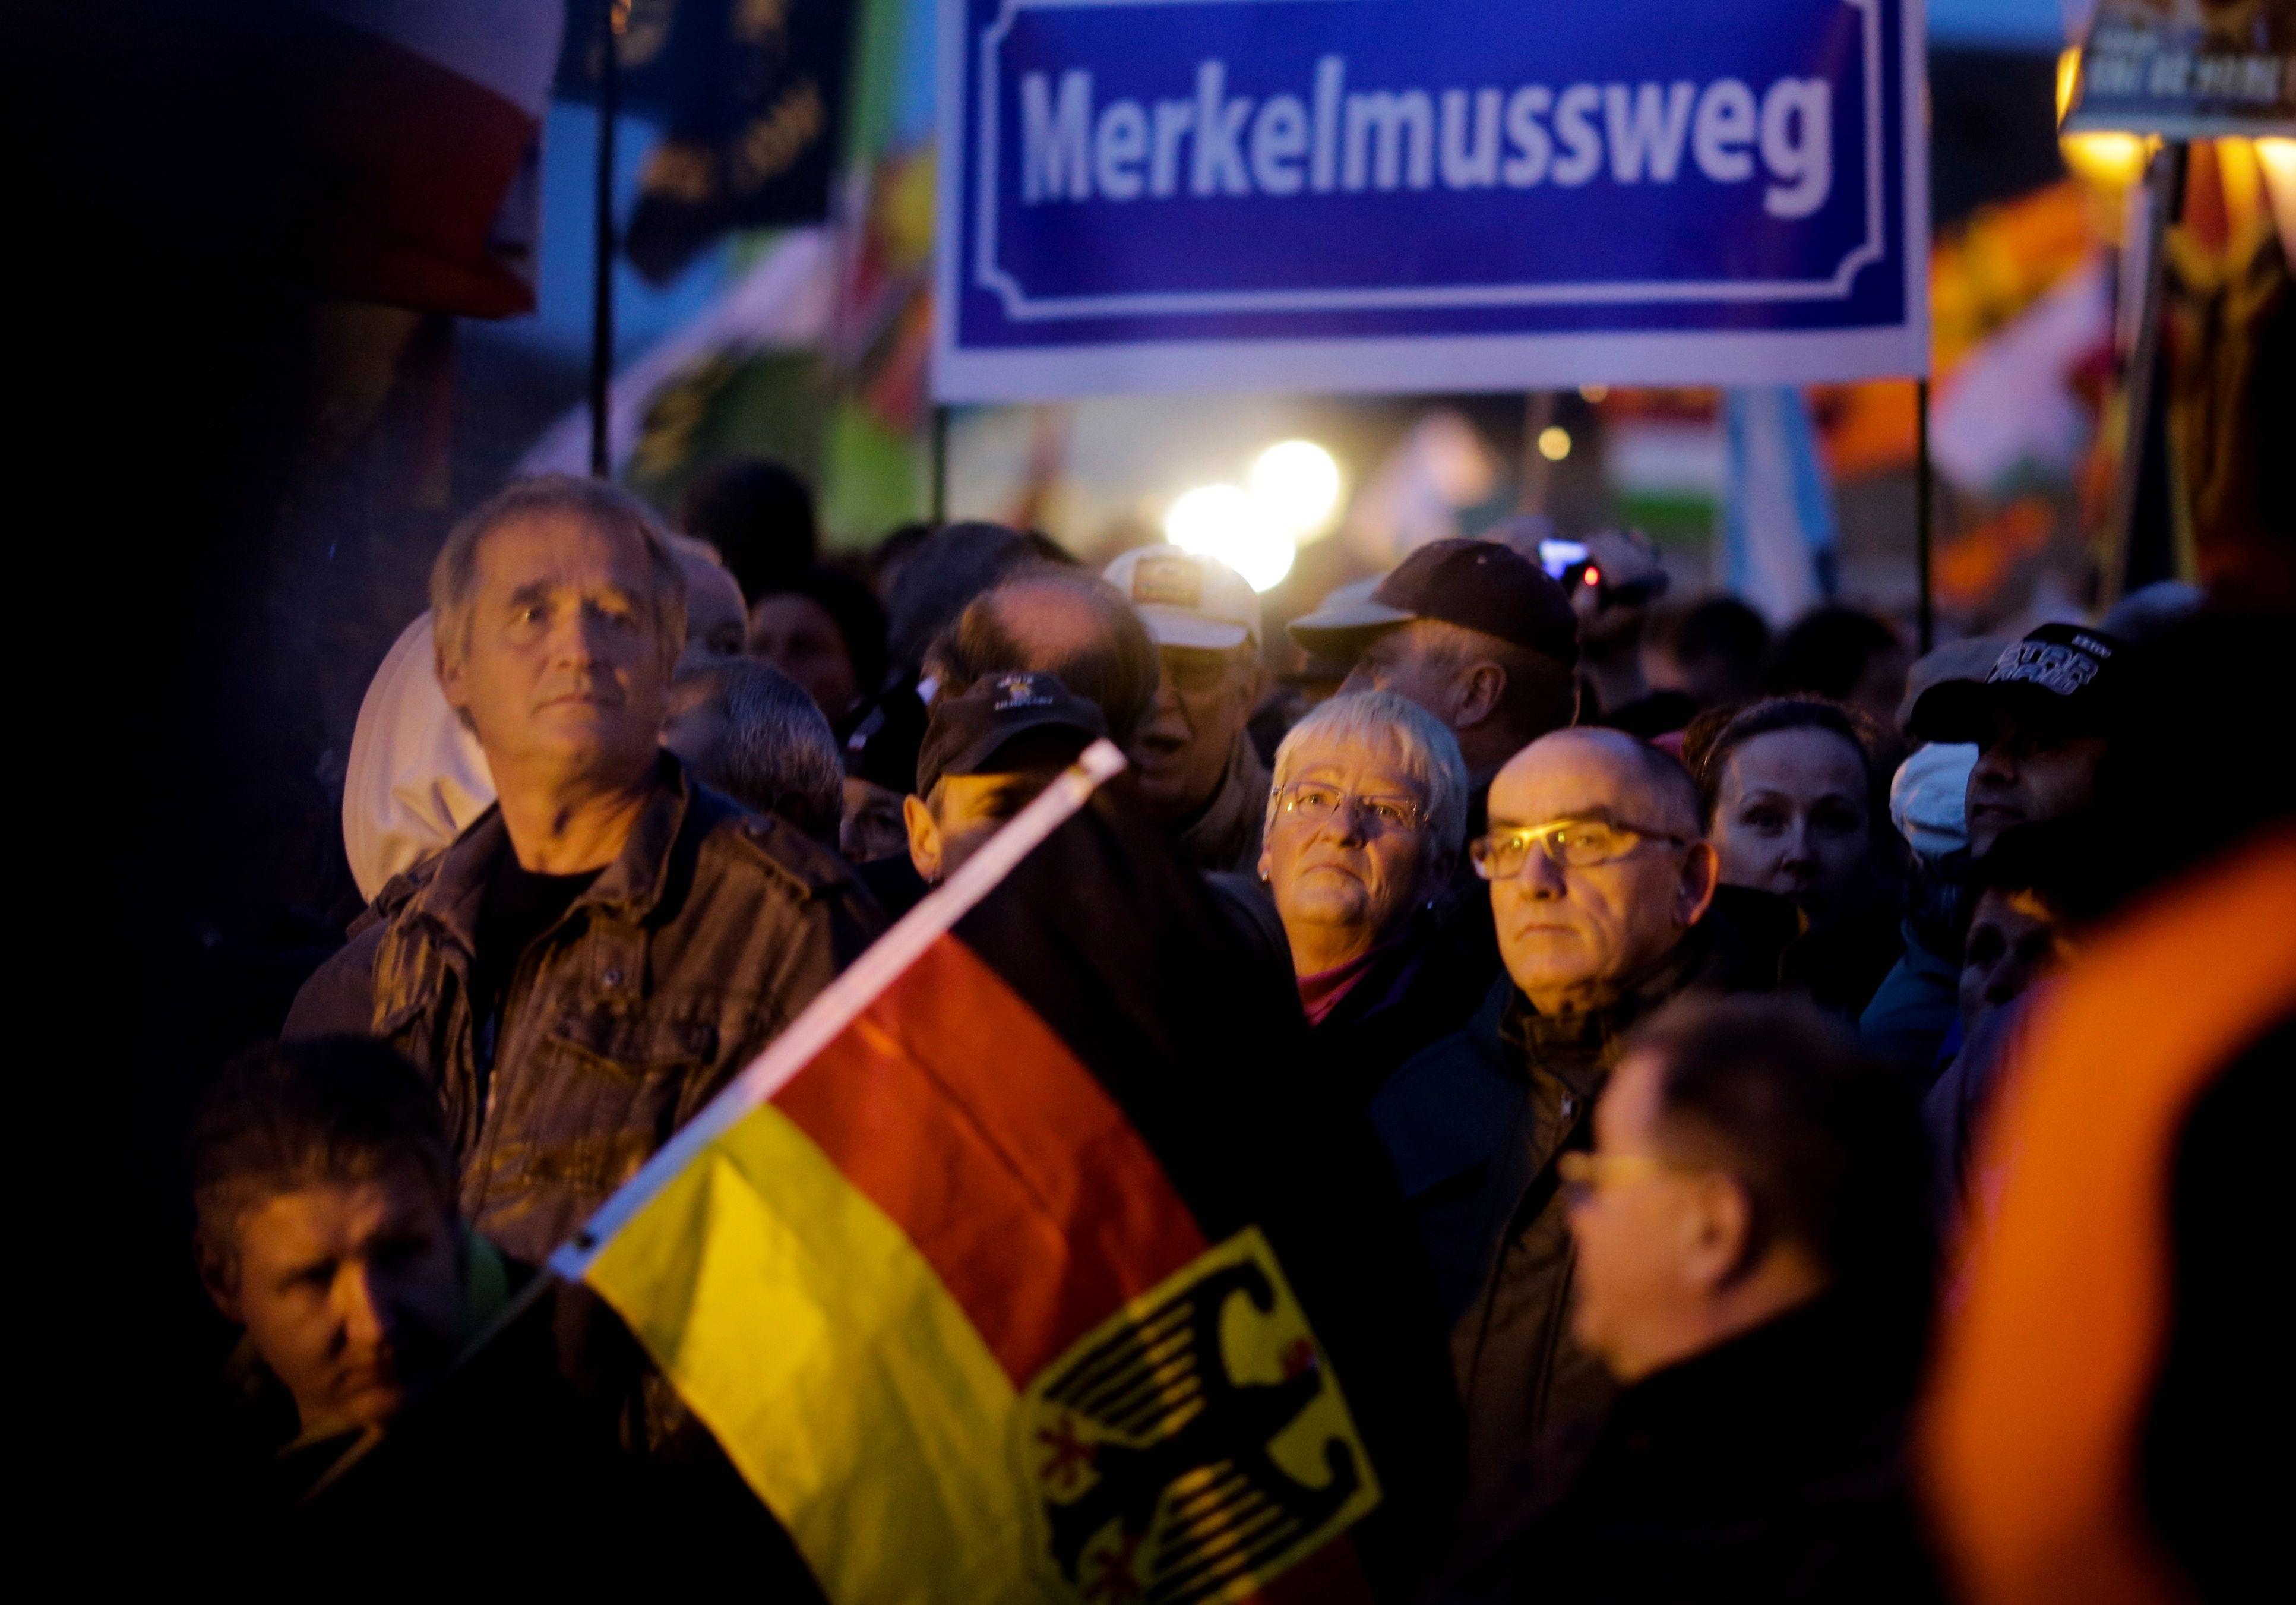 nenávistné prejavy, Nemecko, hatespeech